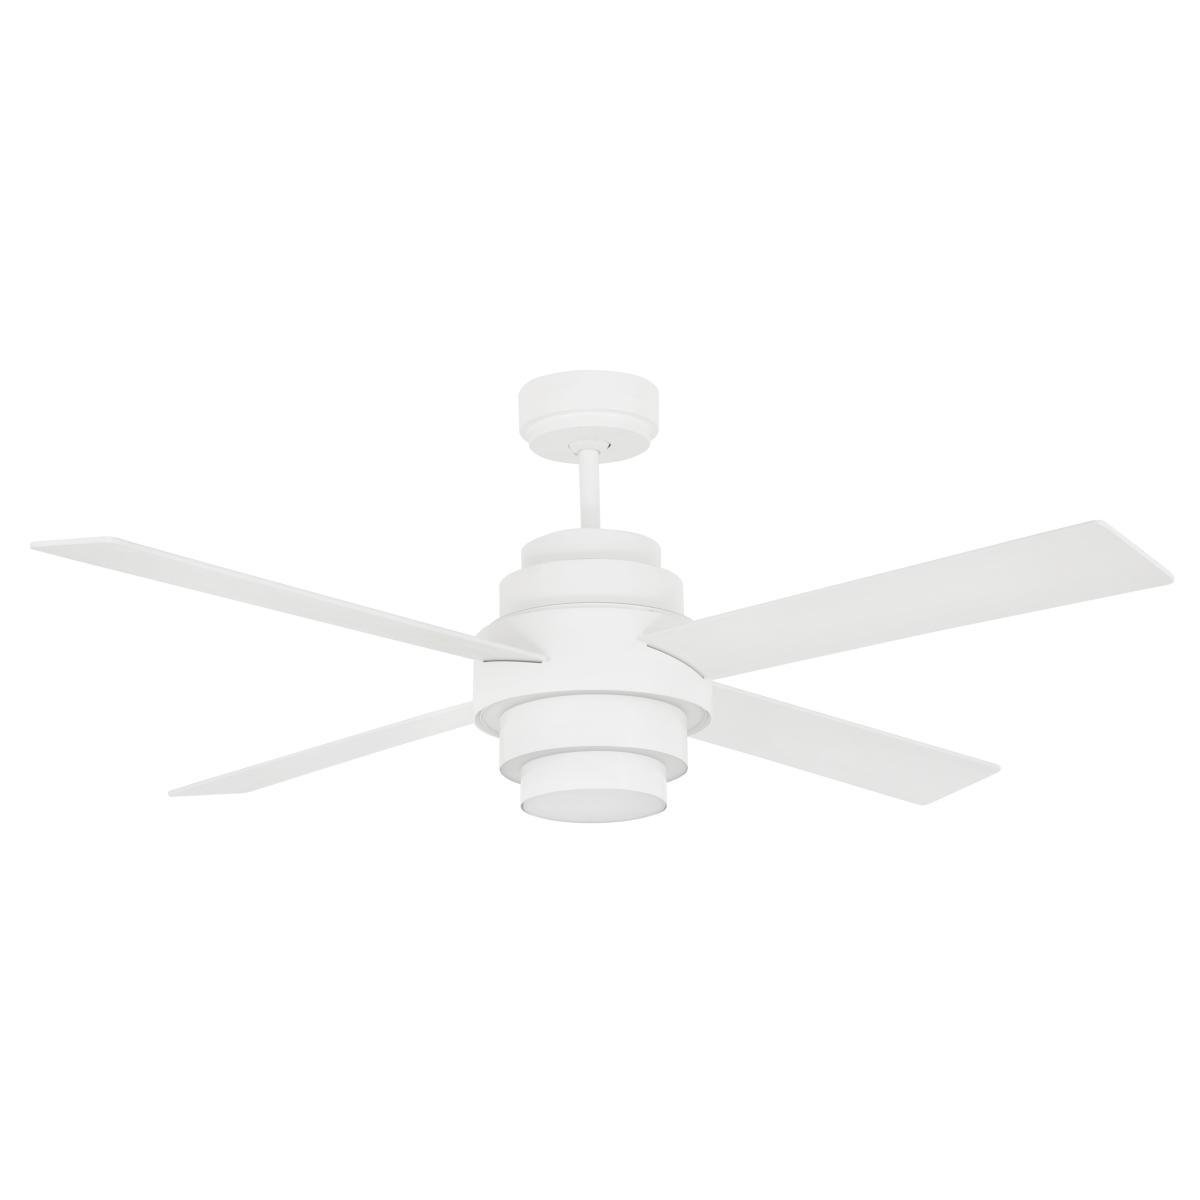 lustre ventilateur de plafond faro disc 33397